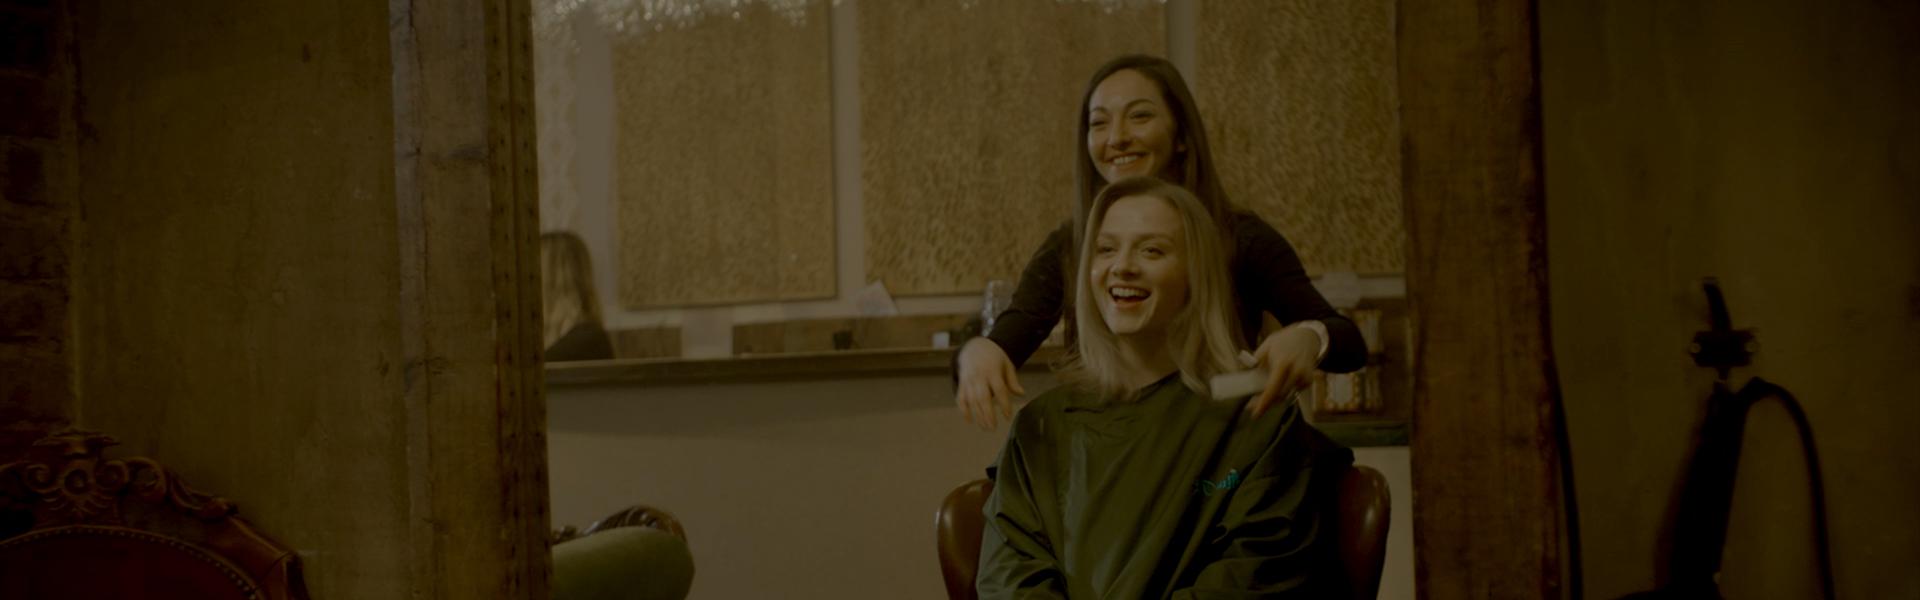 Dos mujeres en una peluquería